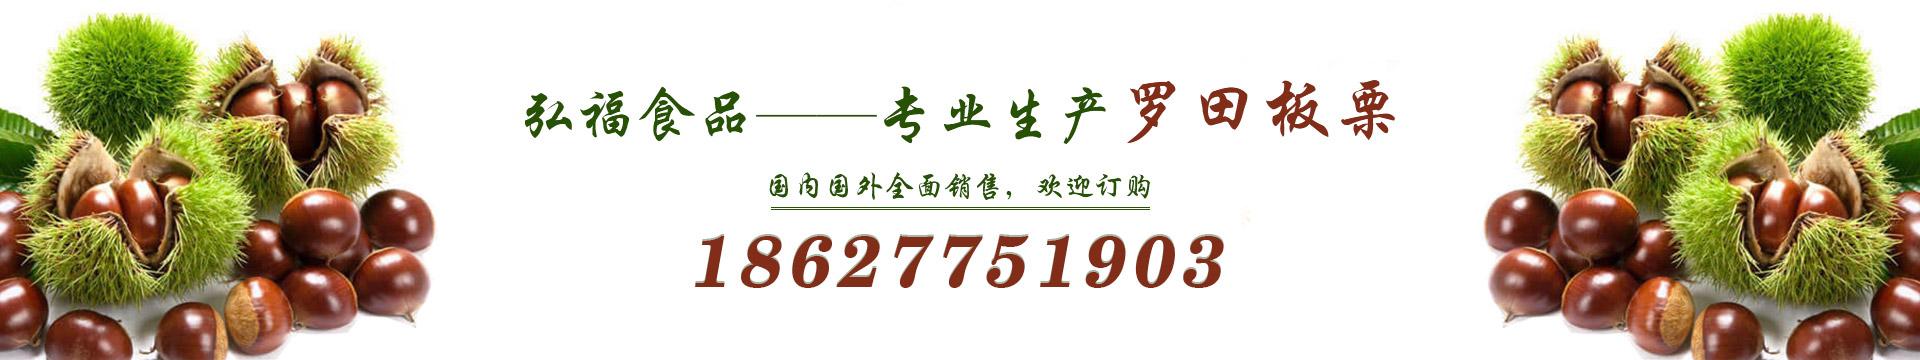 湖北板栗_产品中心banner